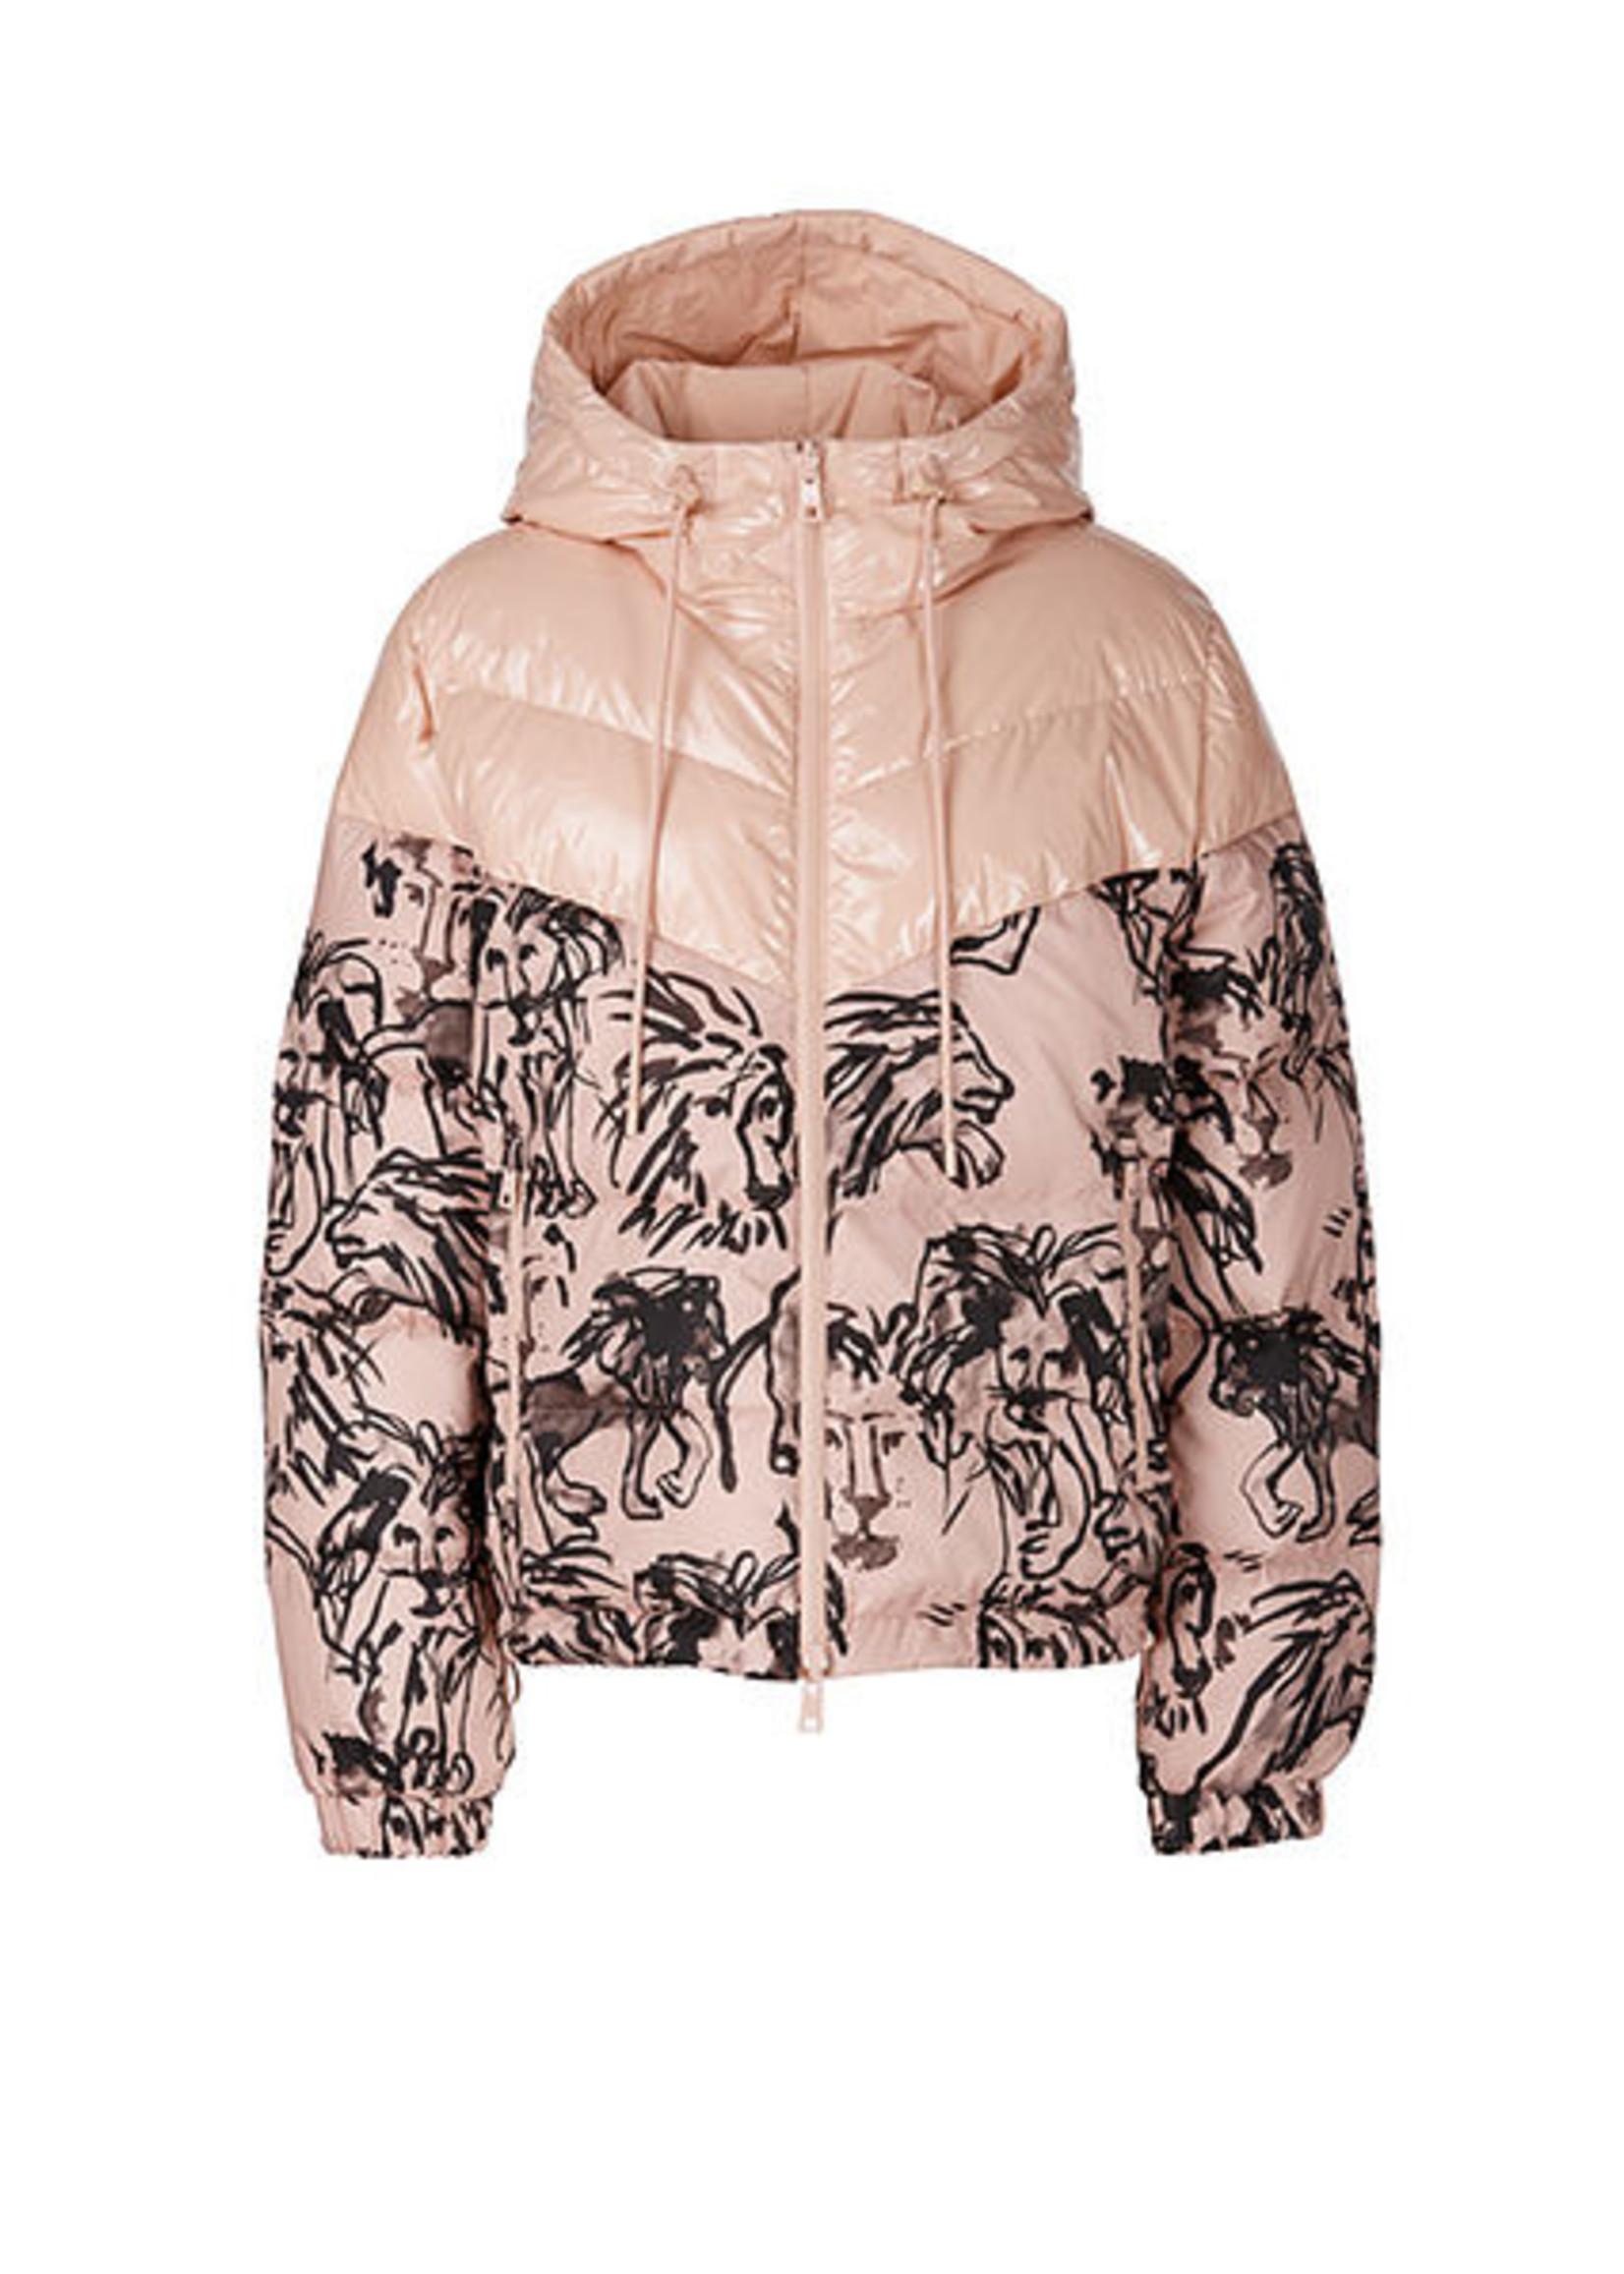 outdoor jacket RC 12.02 W84 sandy beige